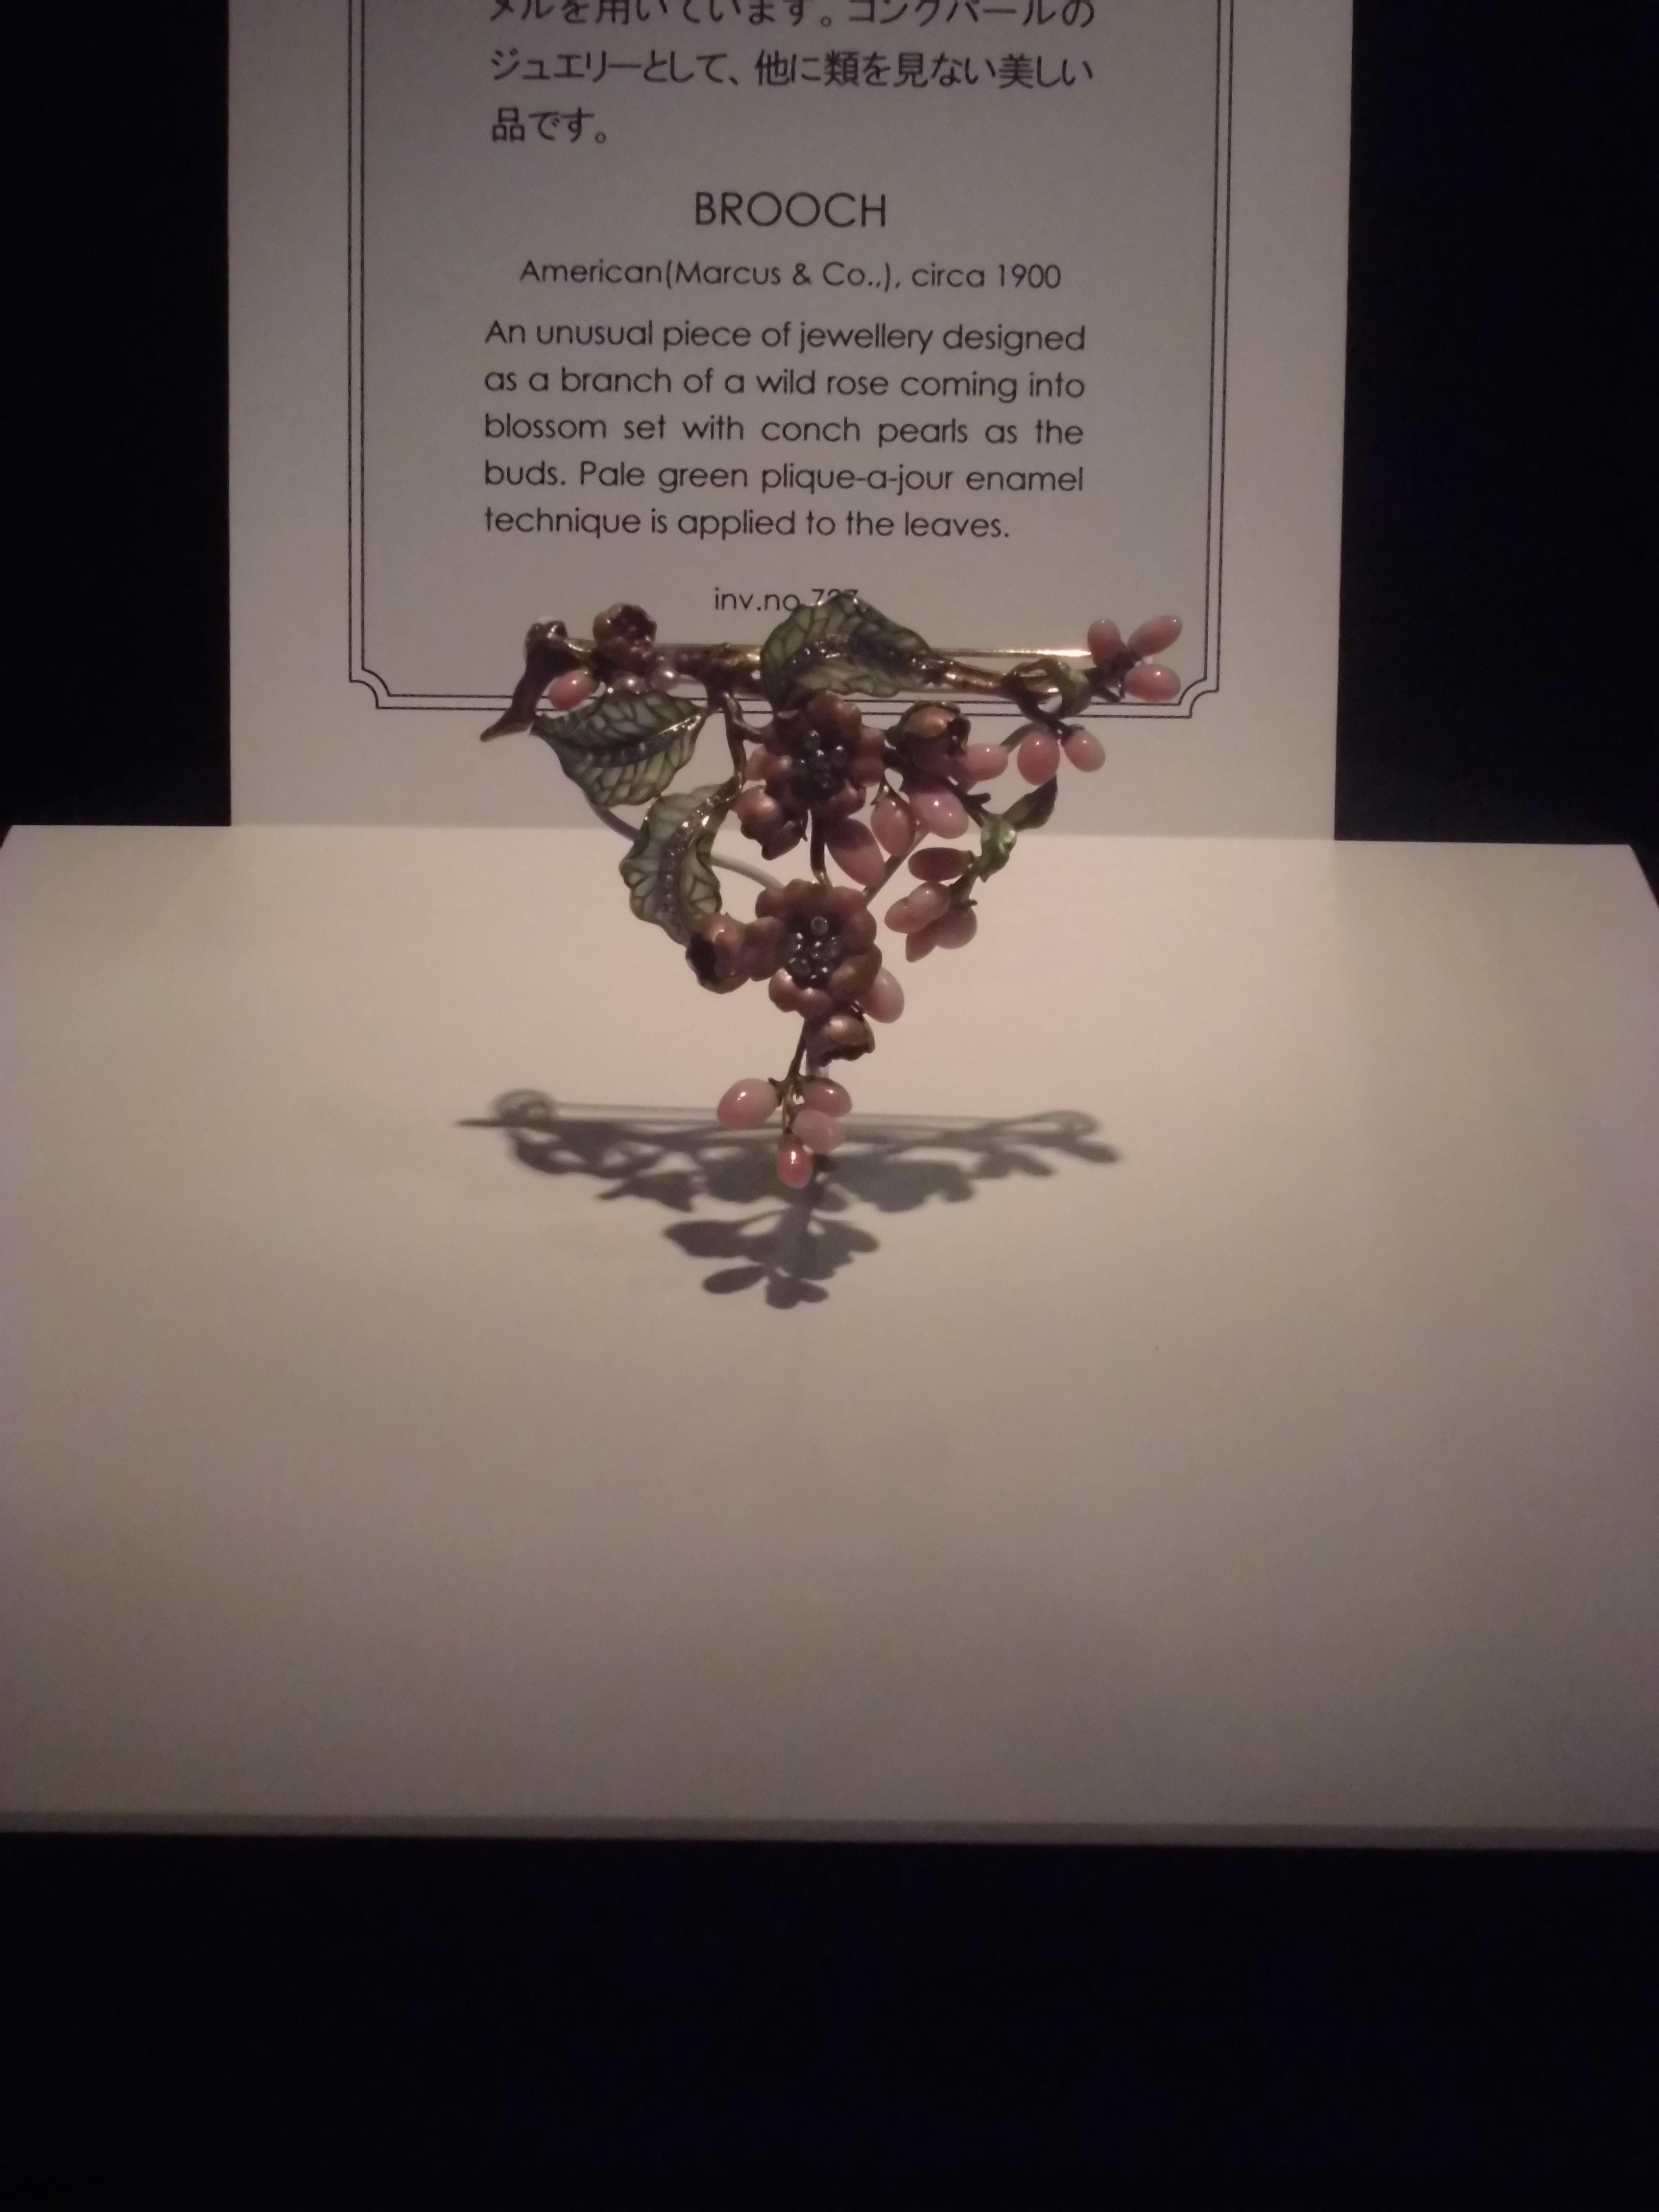 真珠のジュエリー、その魅力に迫ってみる。【ミキモト真珠島に行ってきました。by-VEGETAPSY】